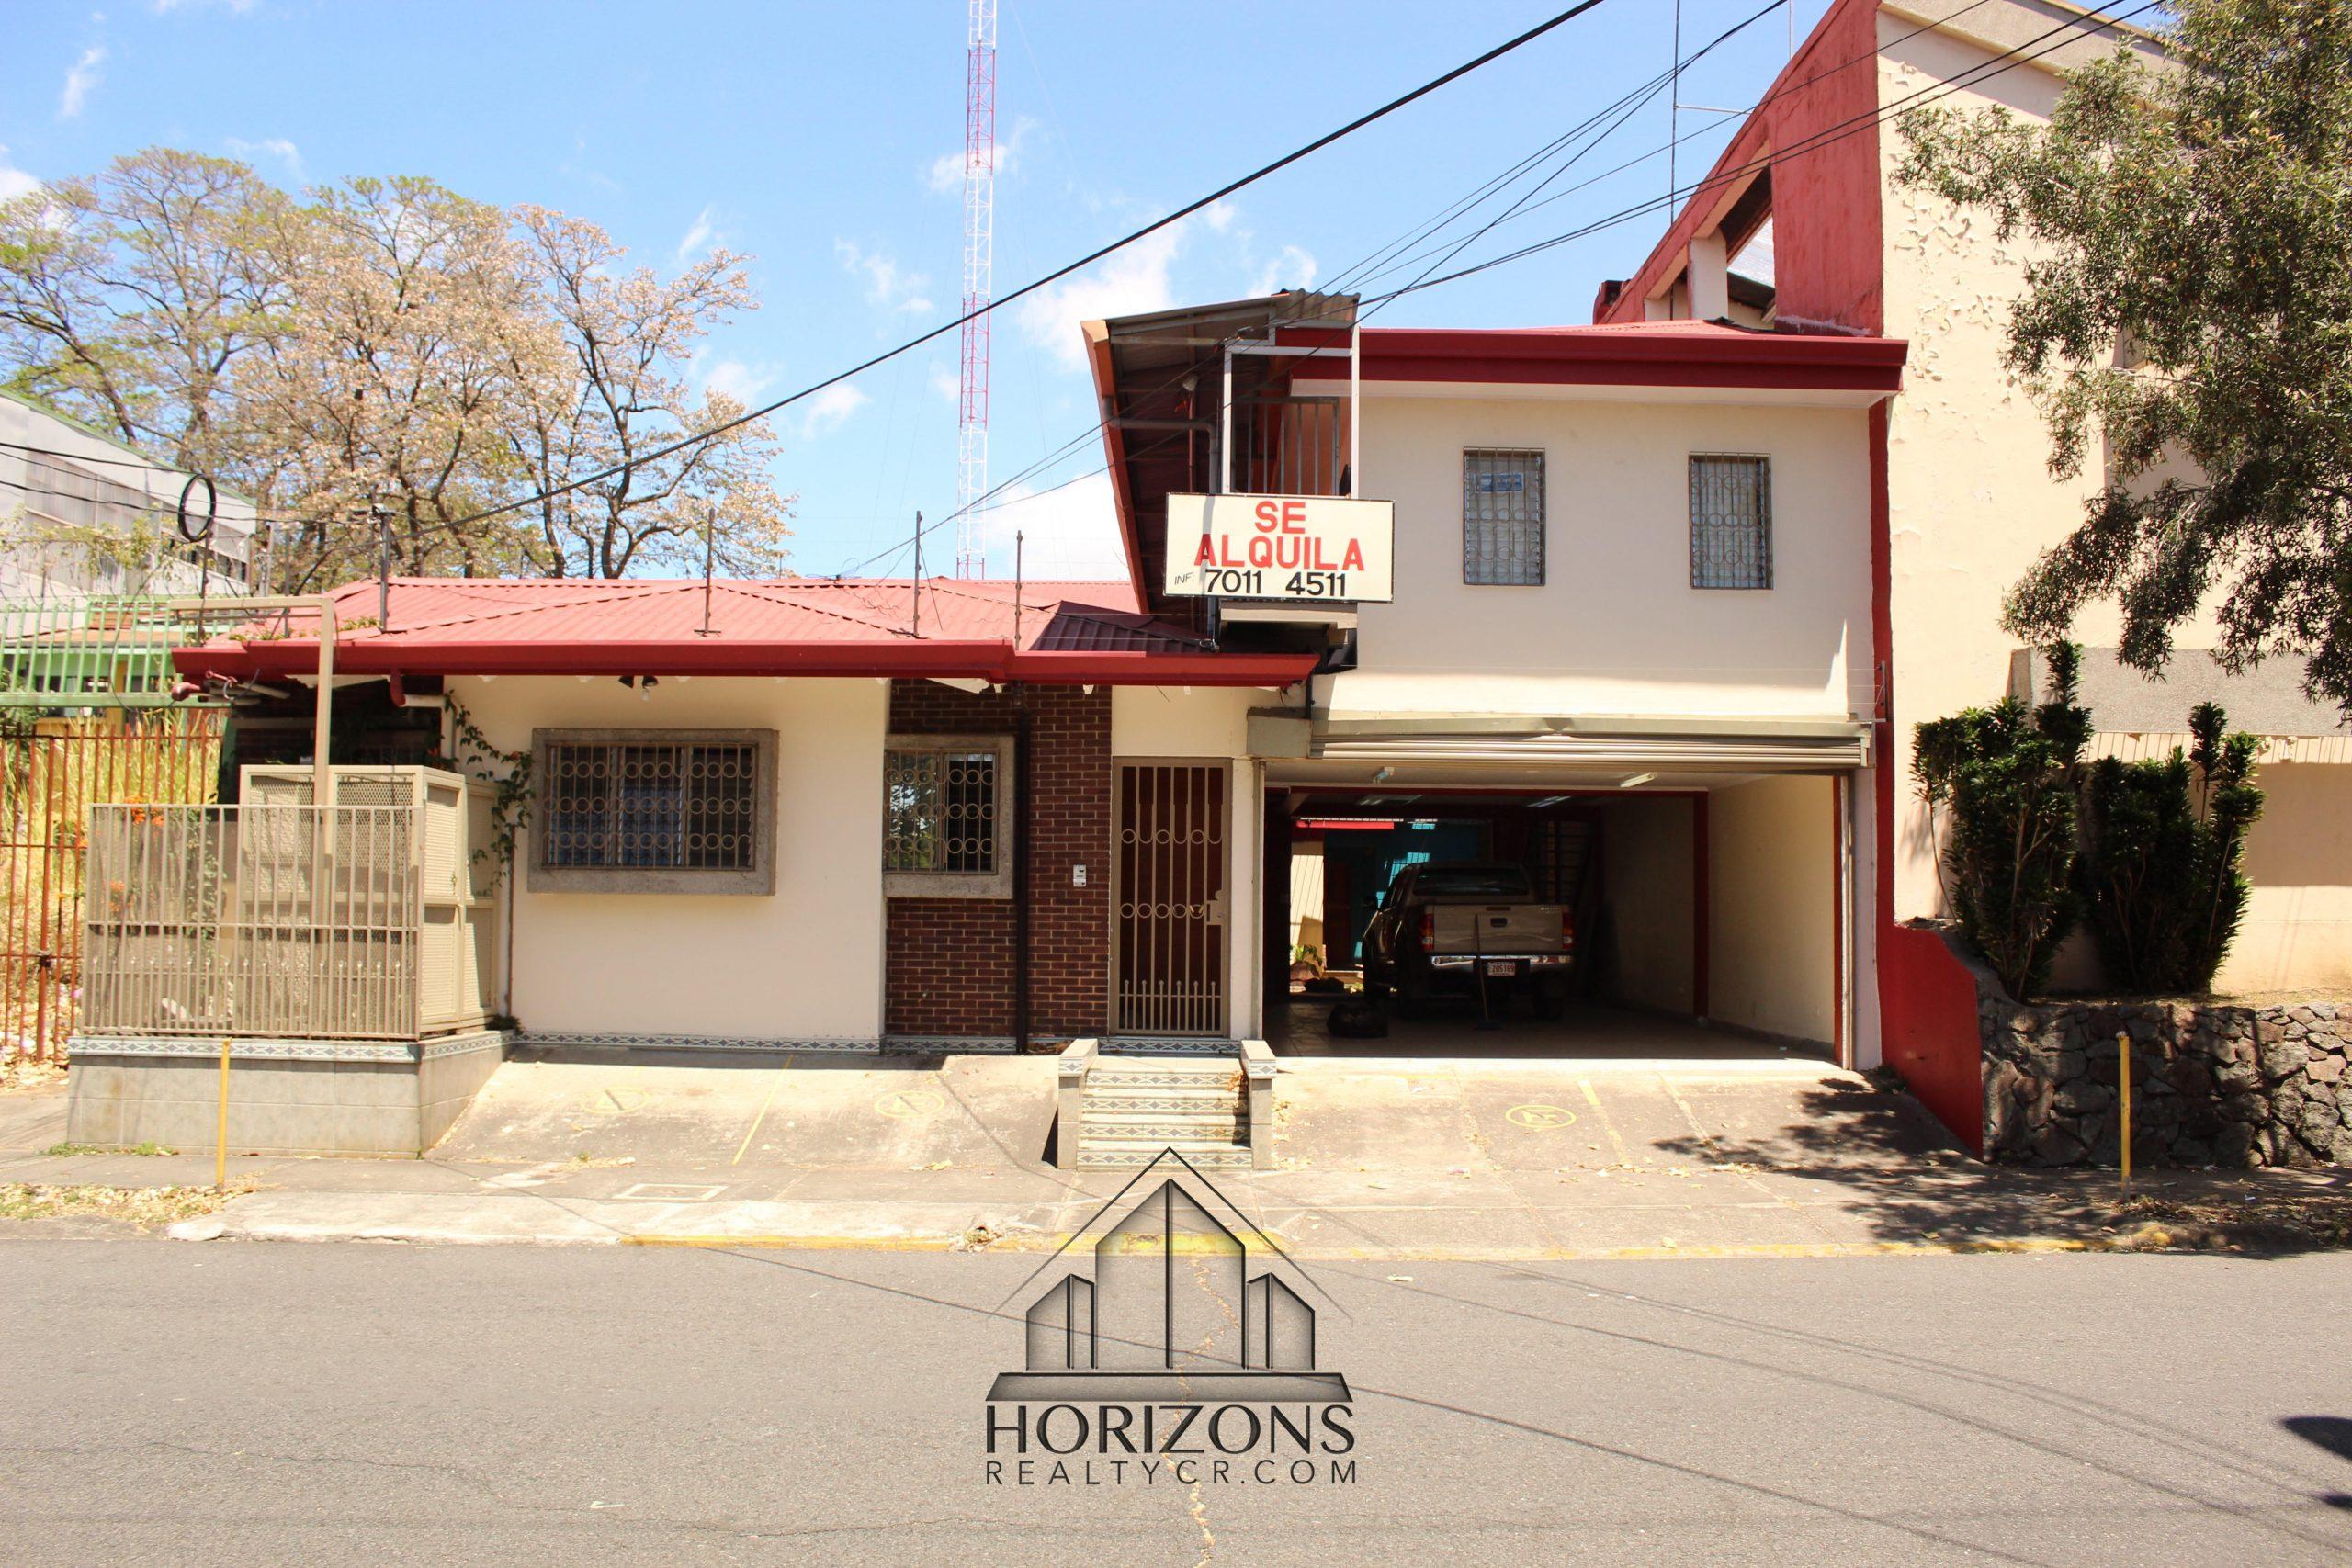 CASA PARA USO DE OFICINA EN SABANA NORTE ALQUILER 420M2